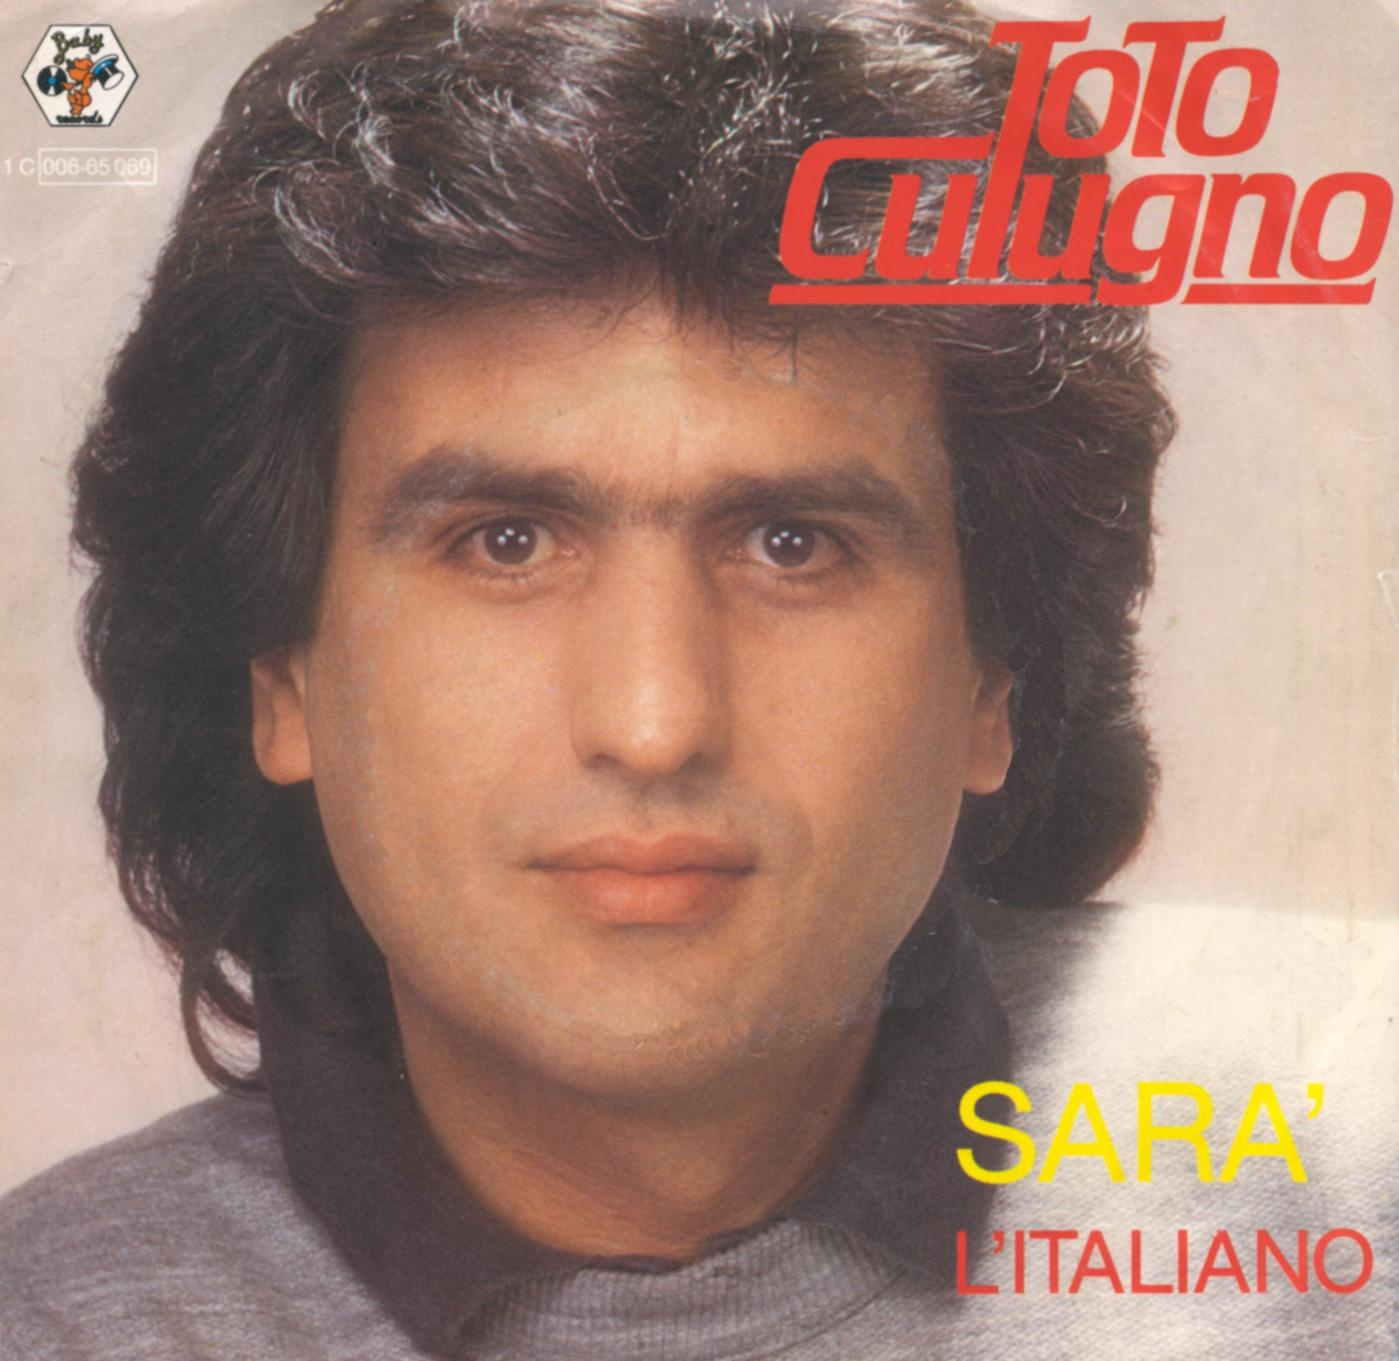 L'Italiano (Foto: Toto Cutugno)